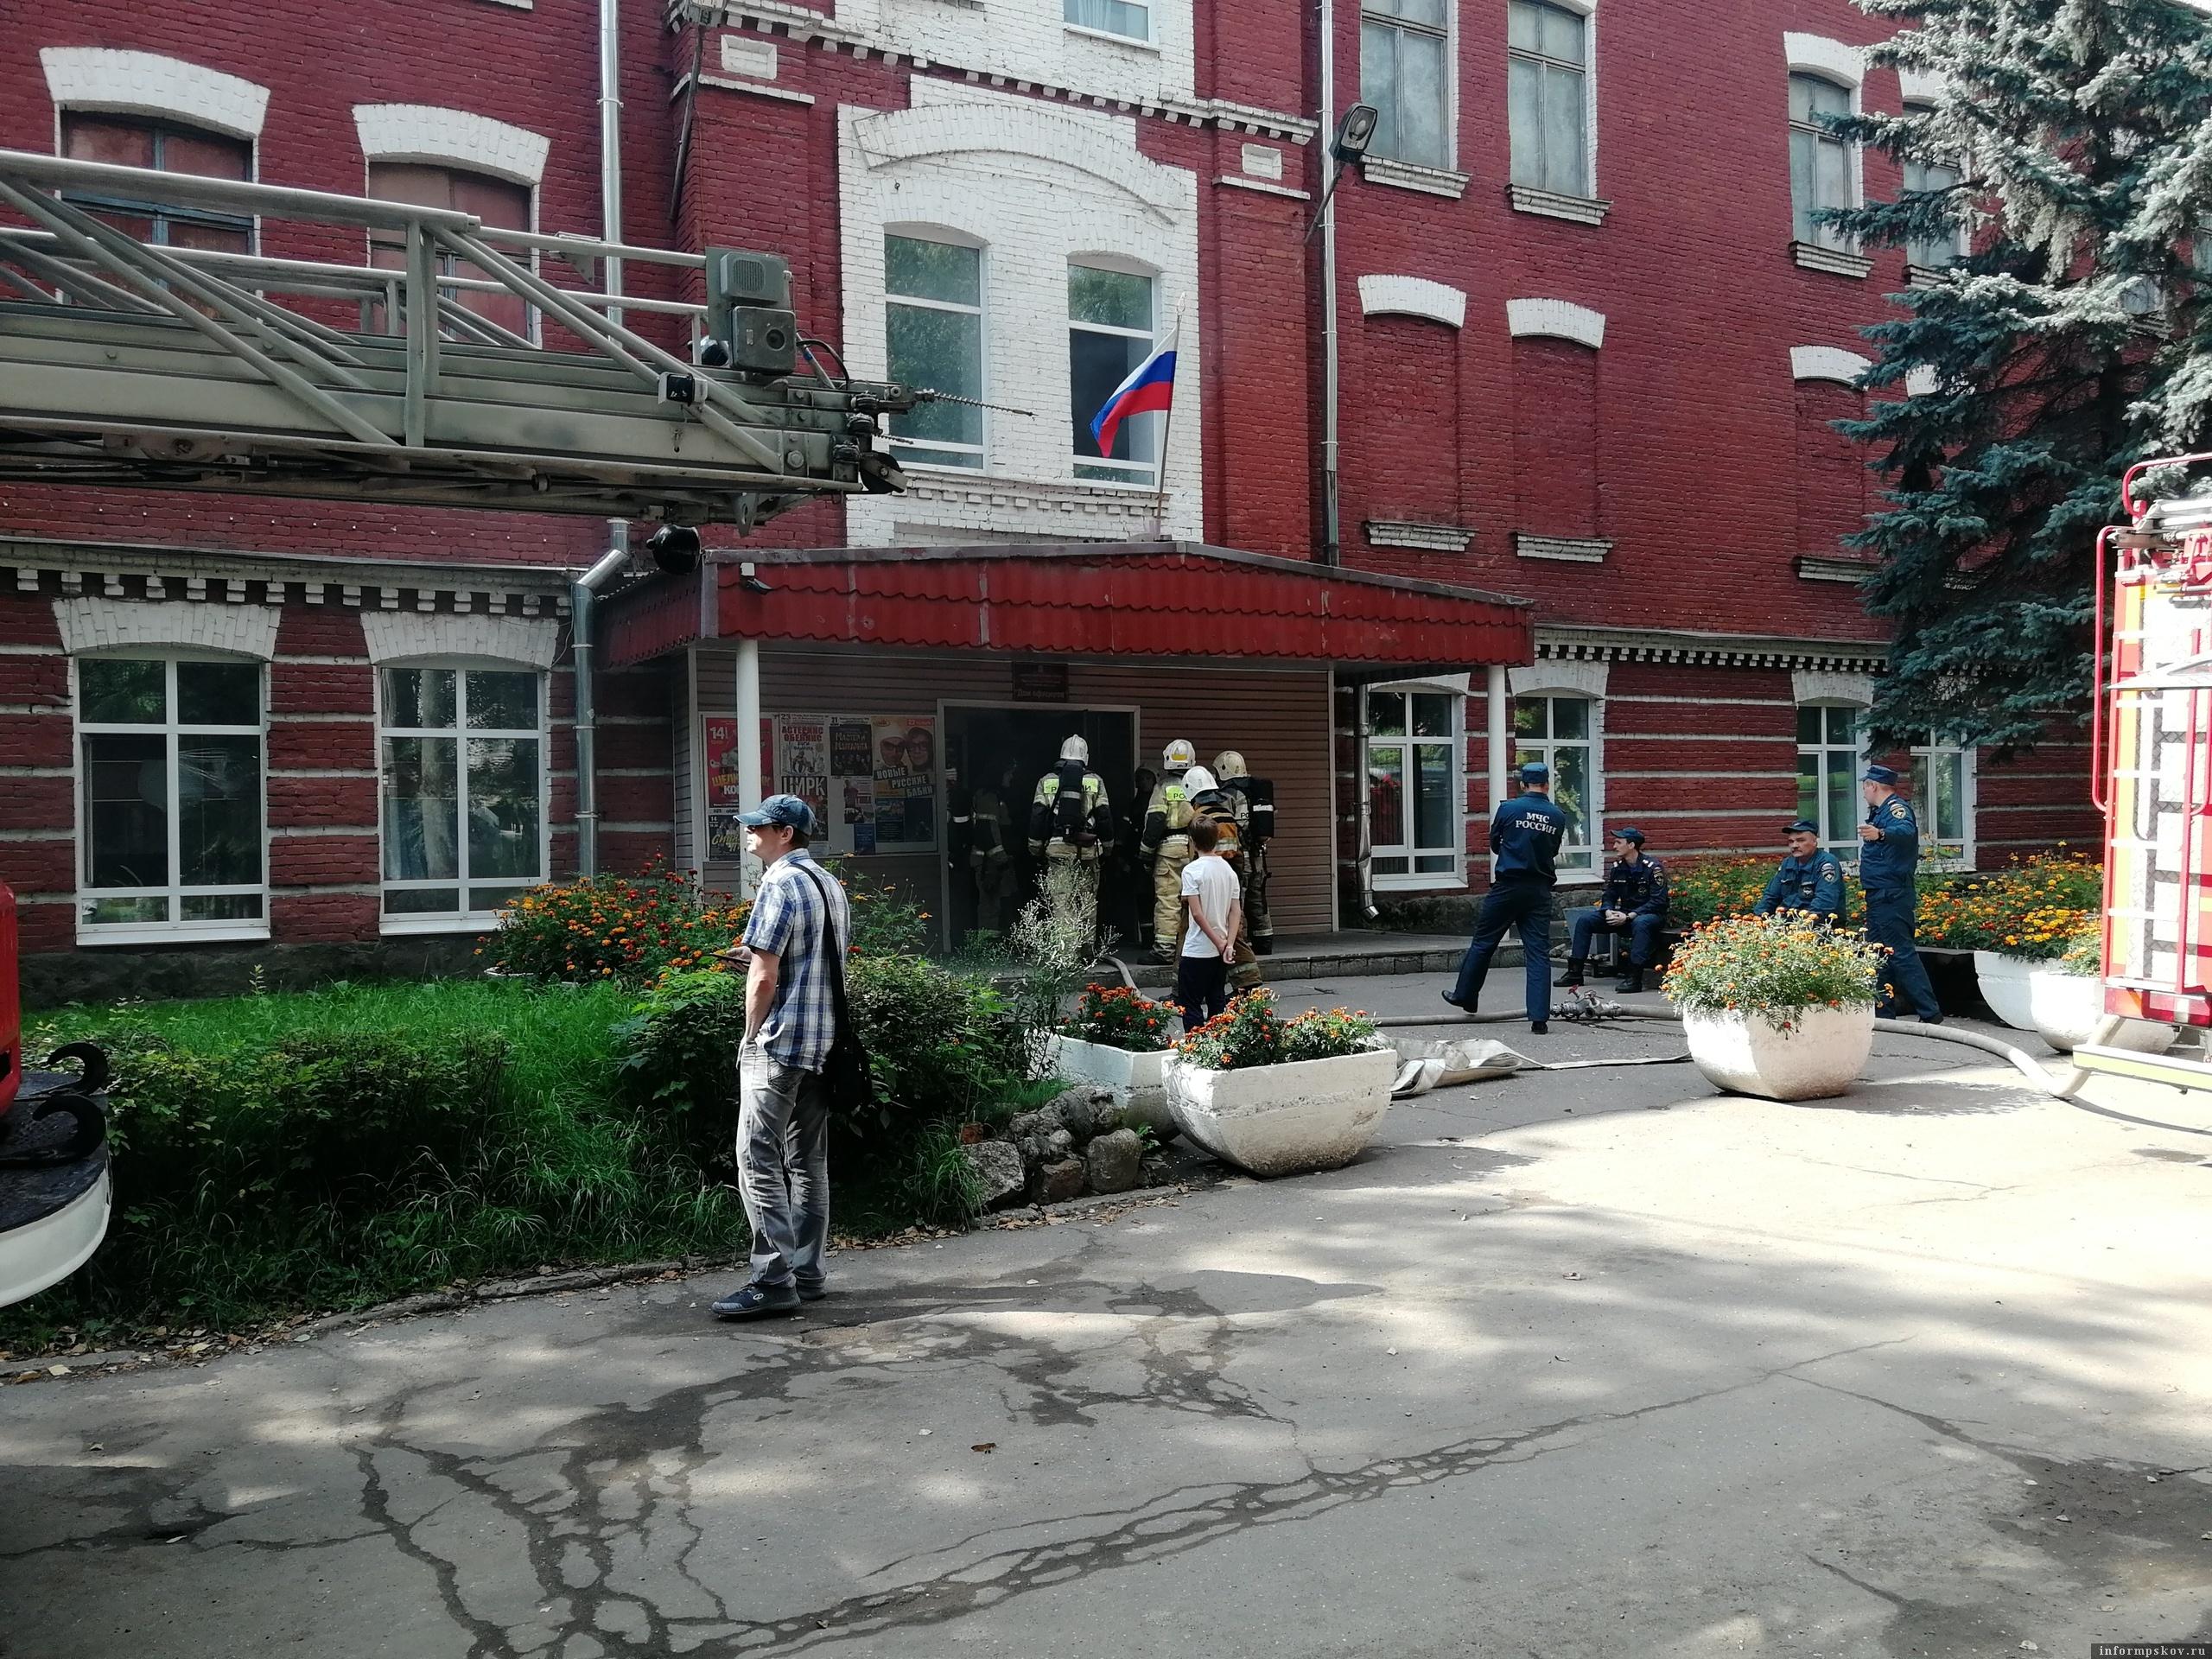 Фото из группы «Жесть по-псковски» в социальной сети «ВКонтакте».